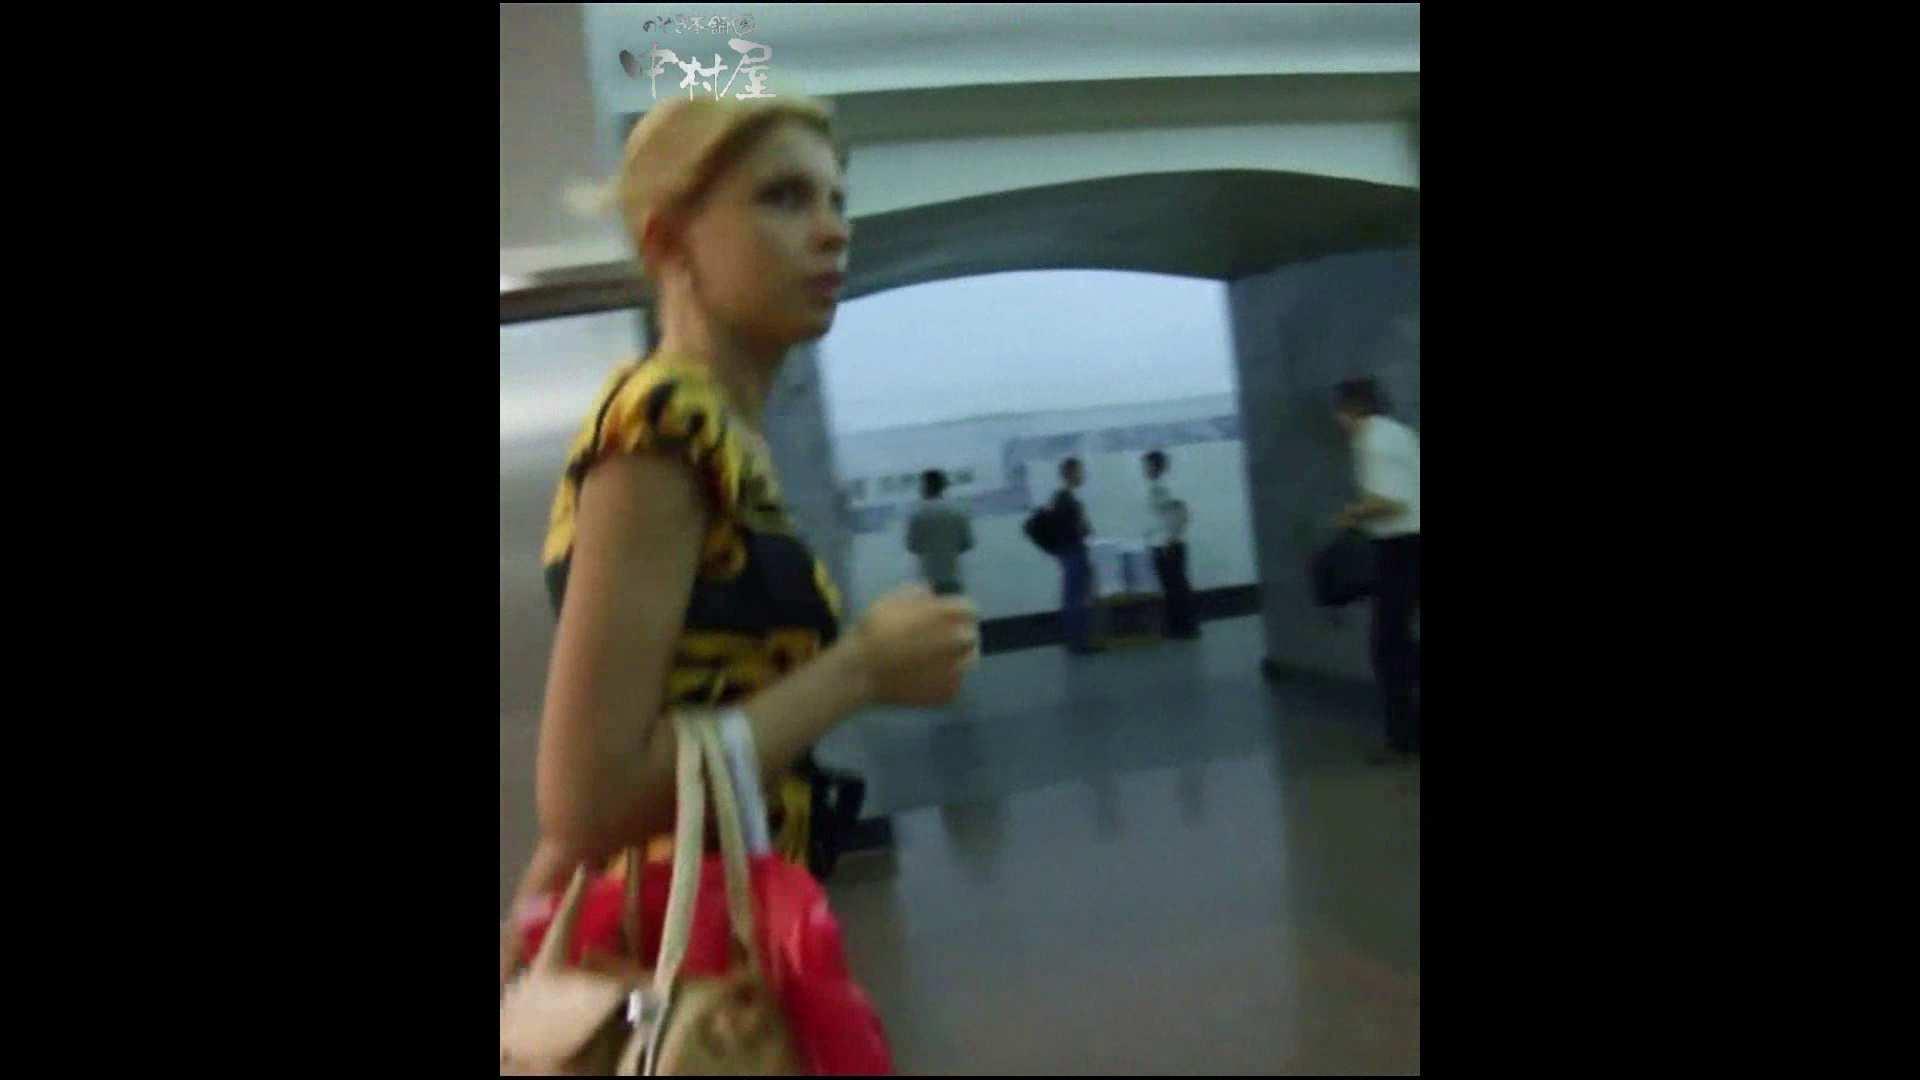 綺麗なモデルさんのスカート捲っちゃおう‼ vol21 お姉さんのエロ動画  87PIX 84